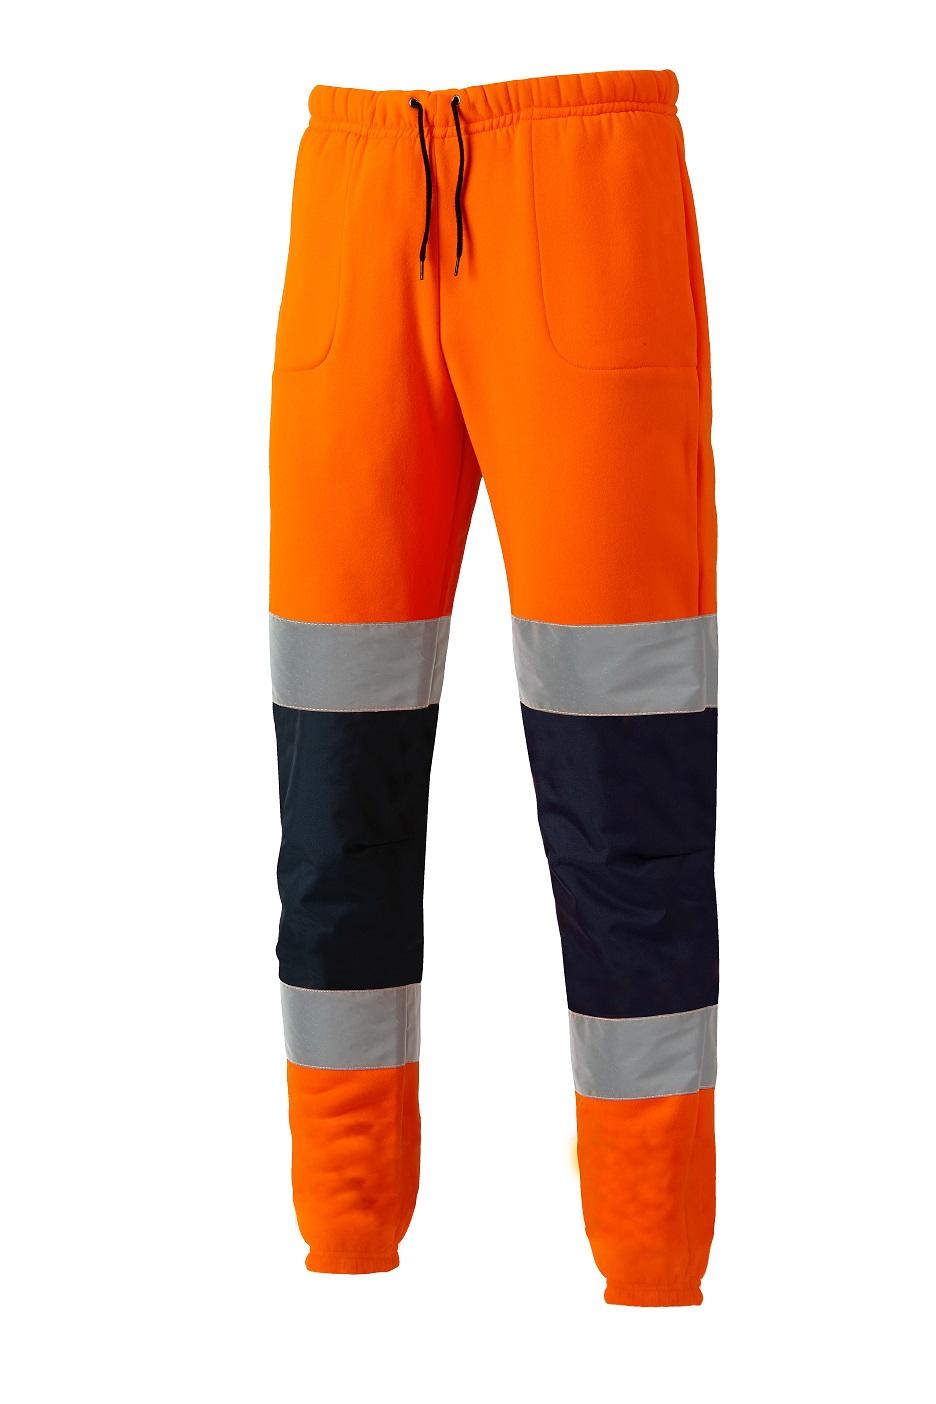 Dickies Hi Viz sicurezza Jogger SA2008 sicurezza Pantaloni Jogging PANTALONE GIALLO//ARANCIONE